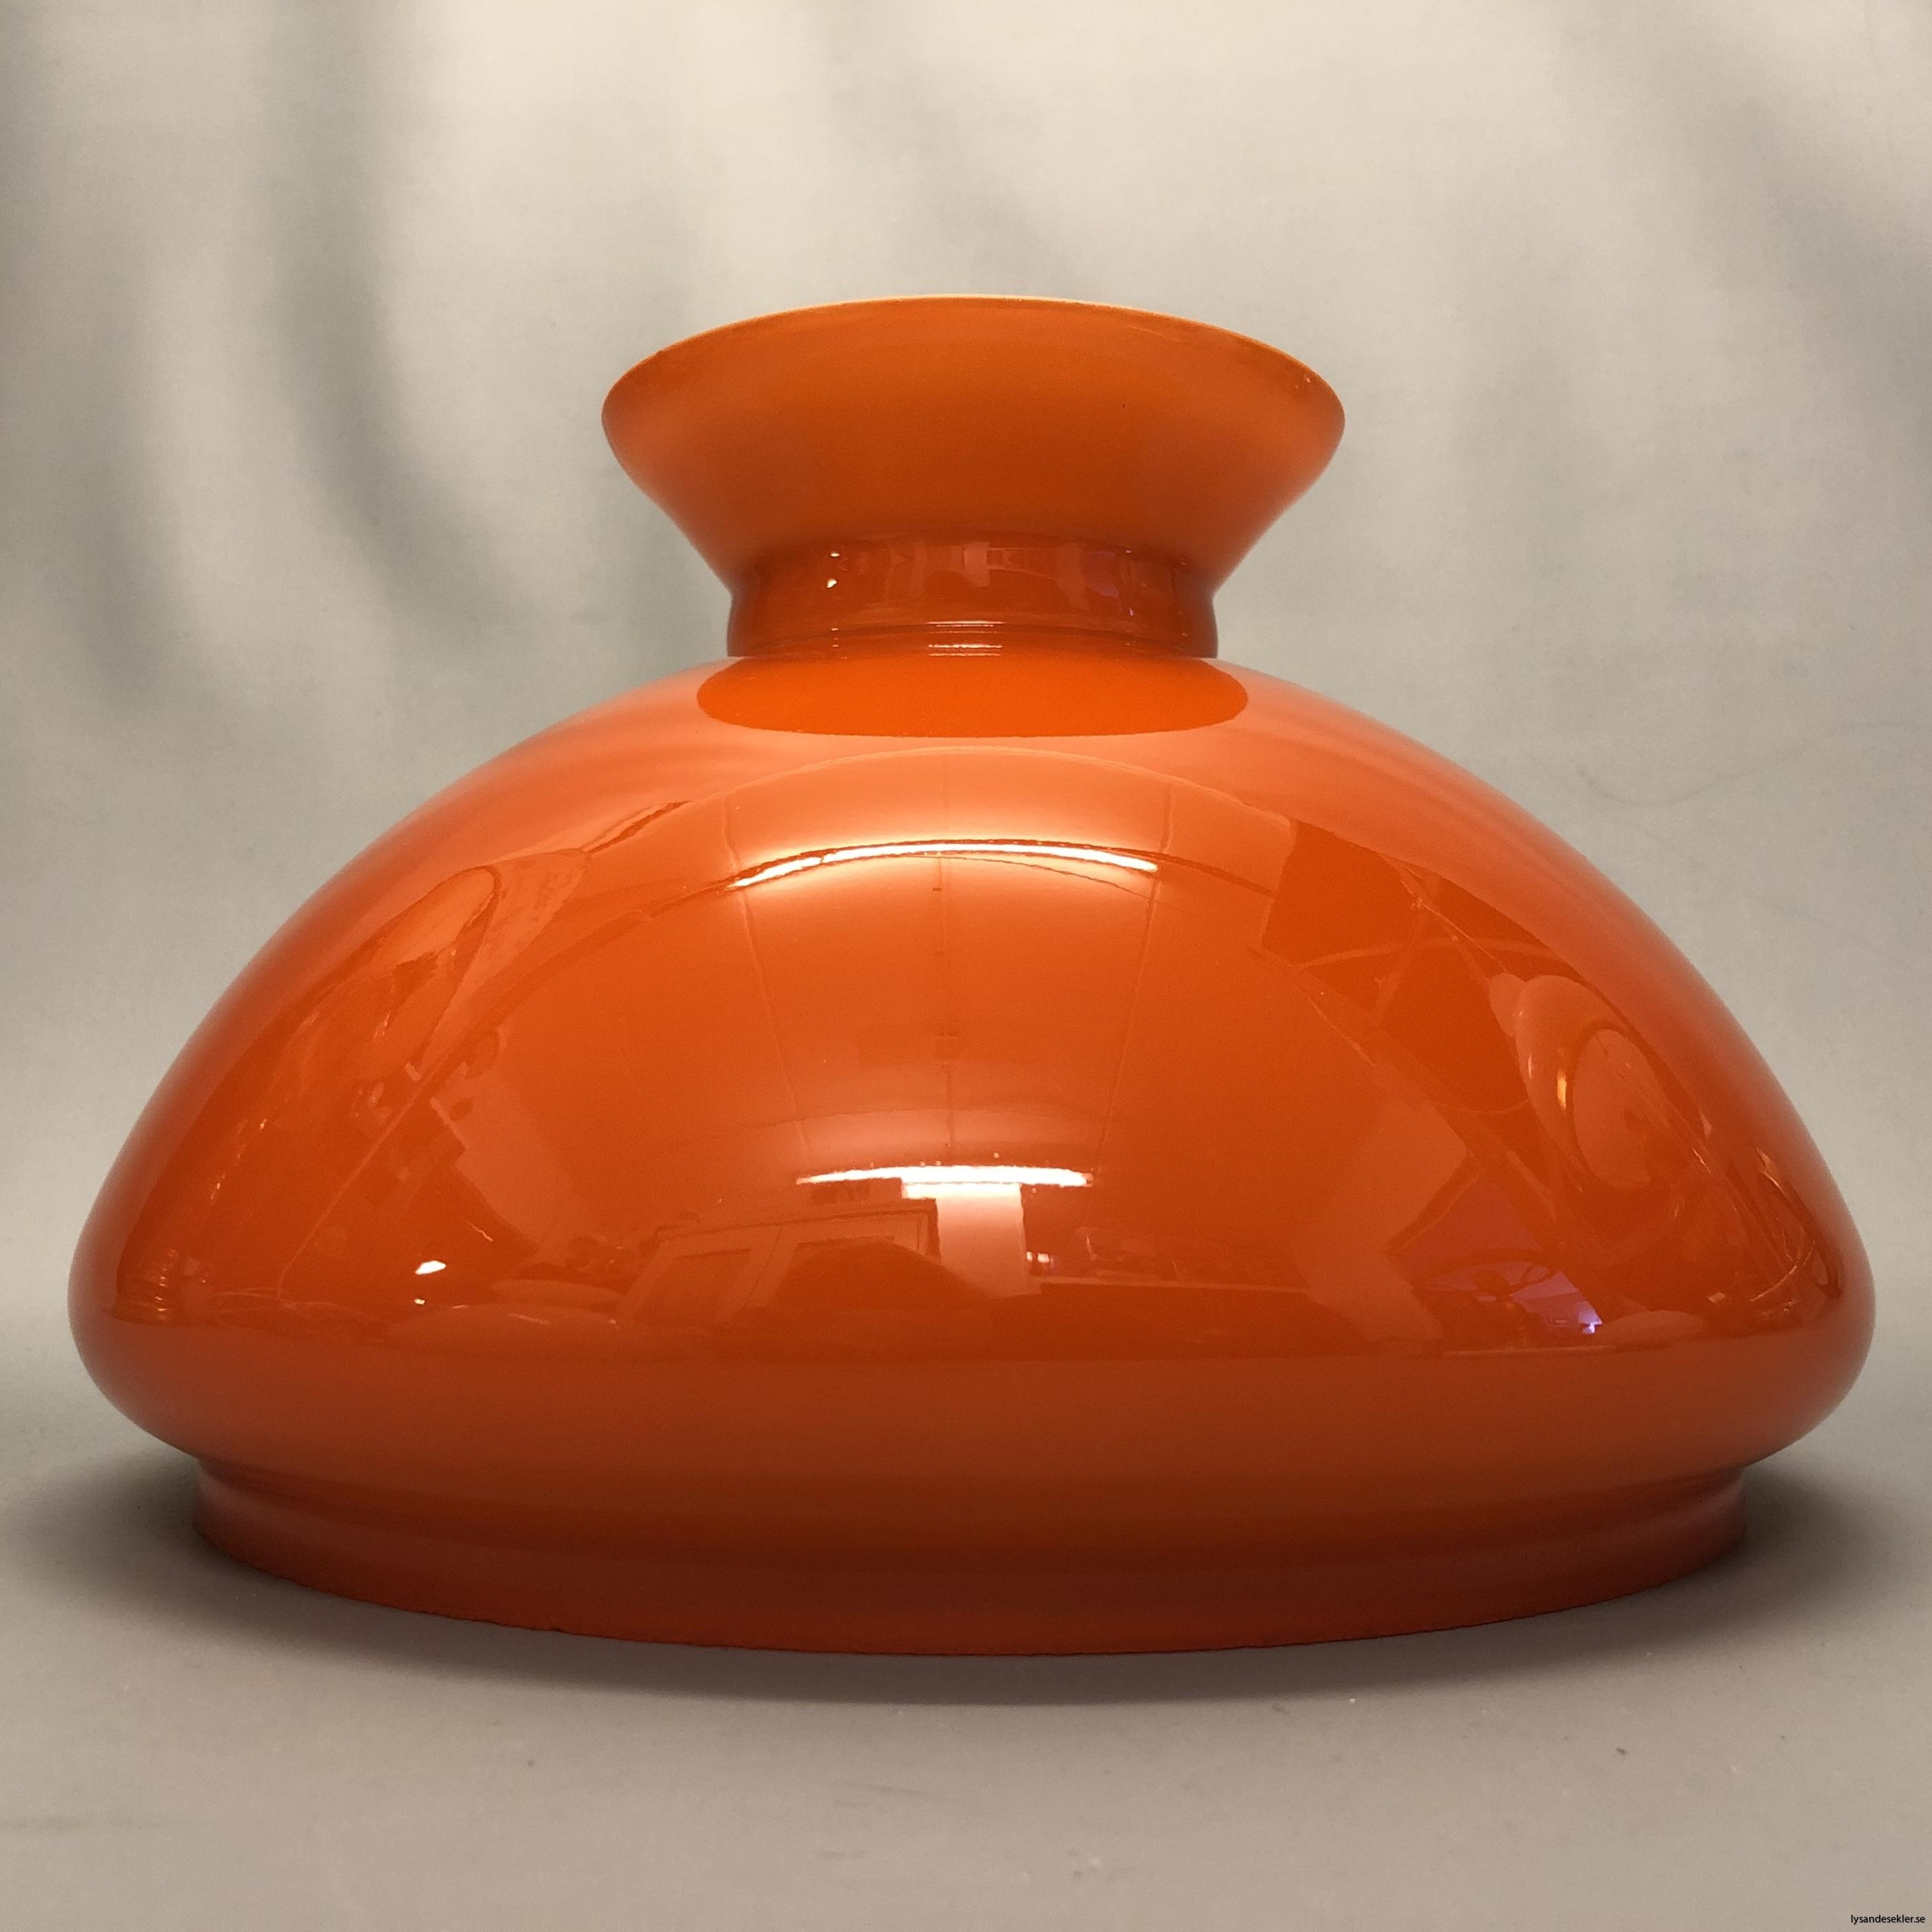 färgad vesta vestaskärm i färg fotogenskärm grön röd gul orange skärm till fotogenlampa22